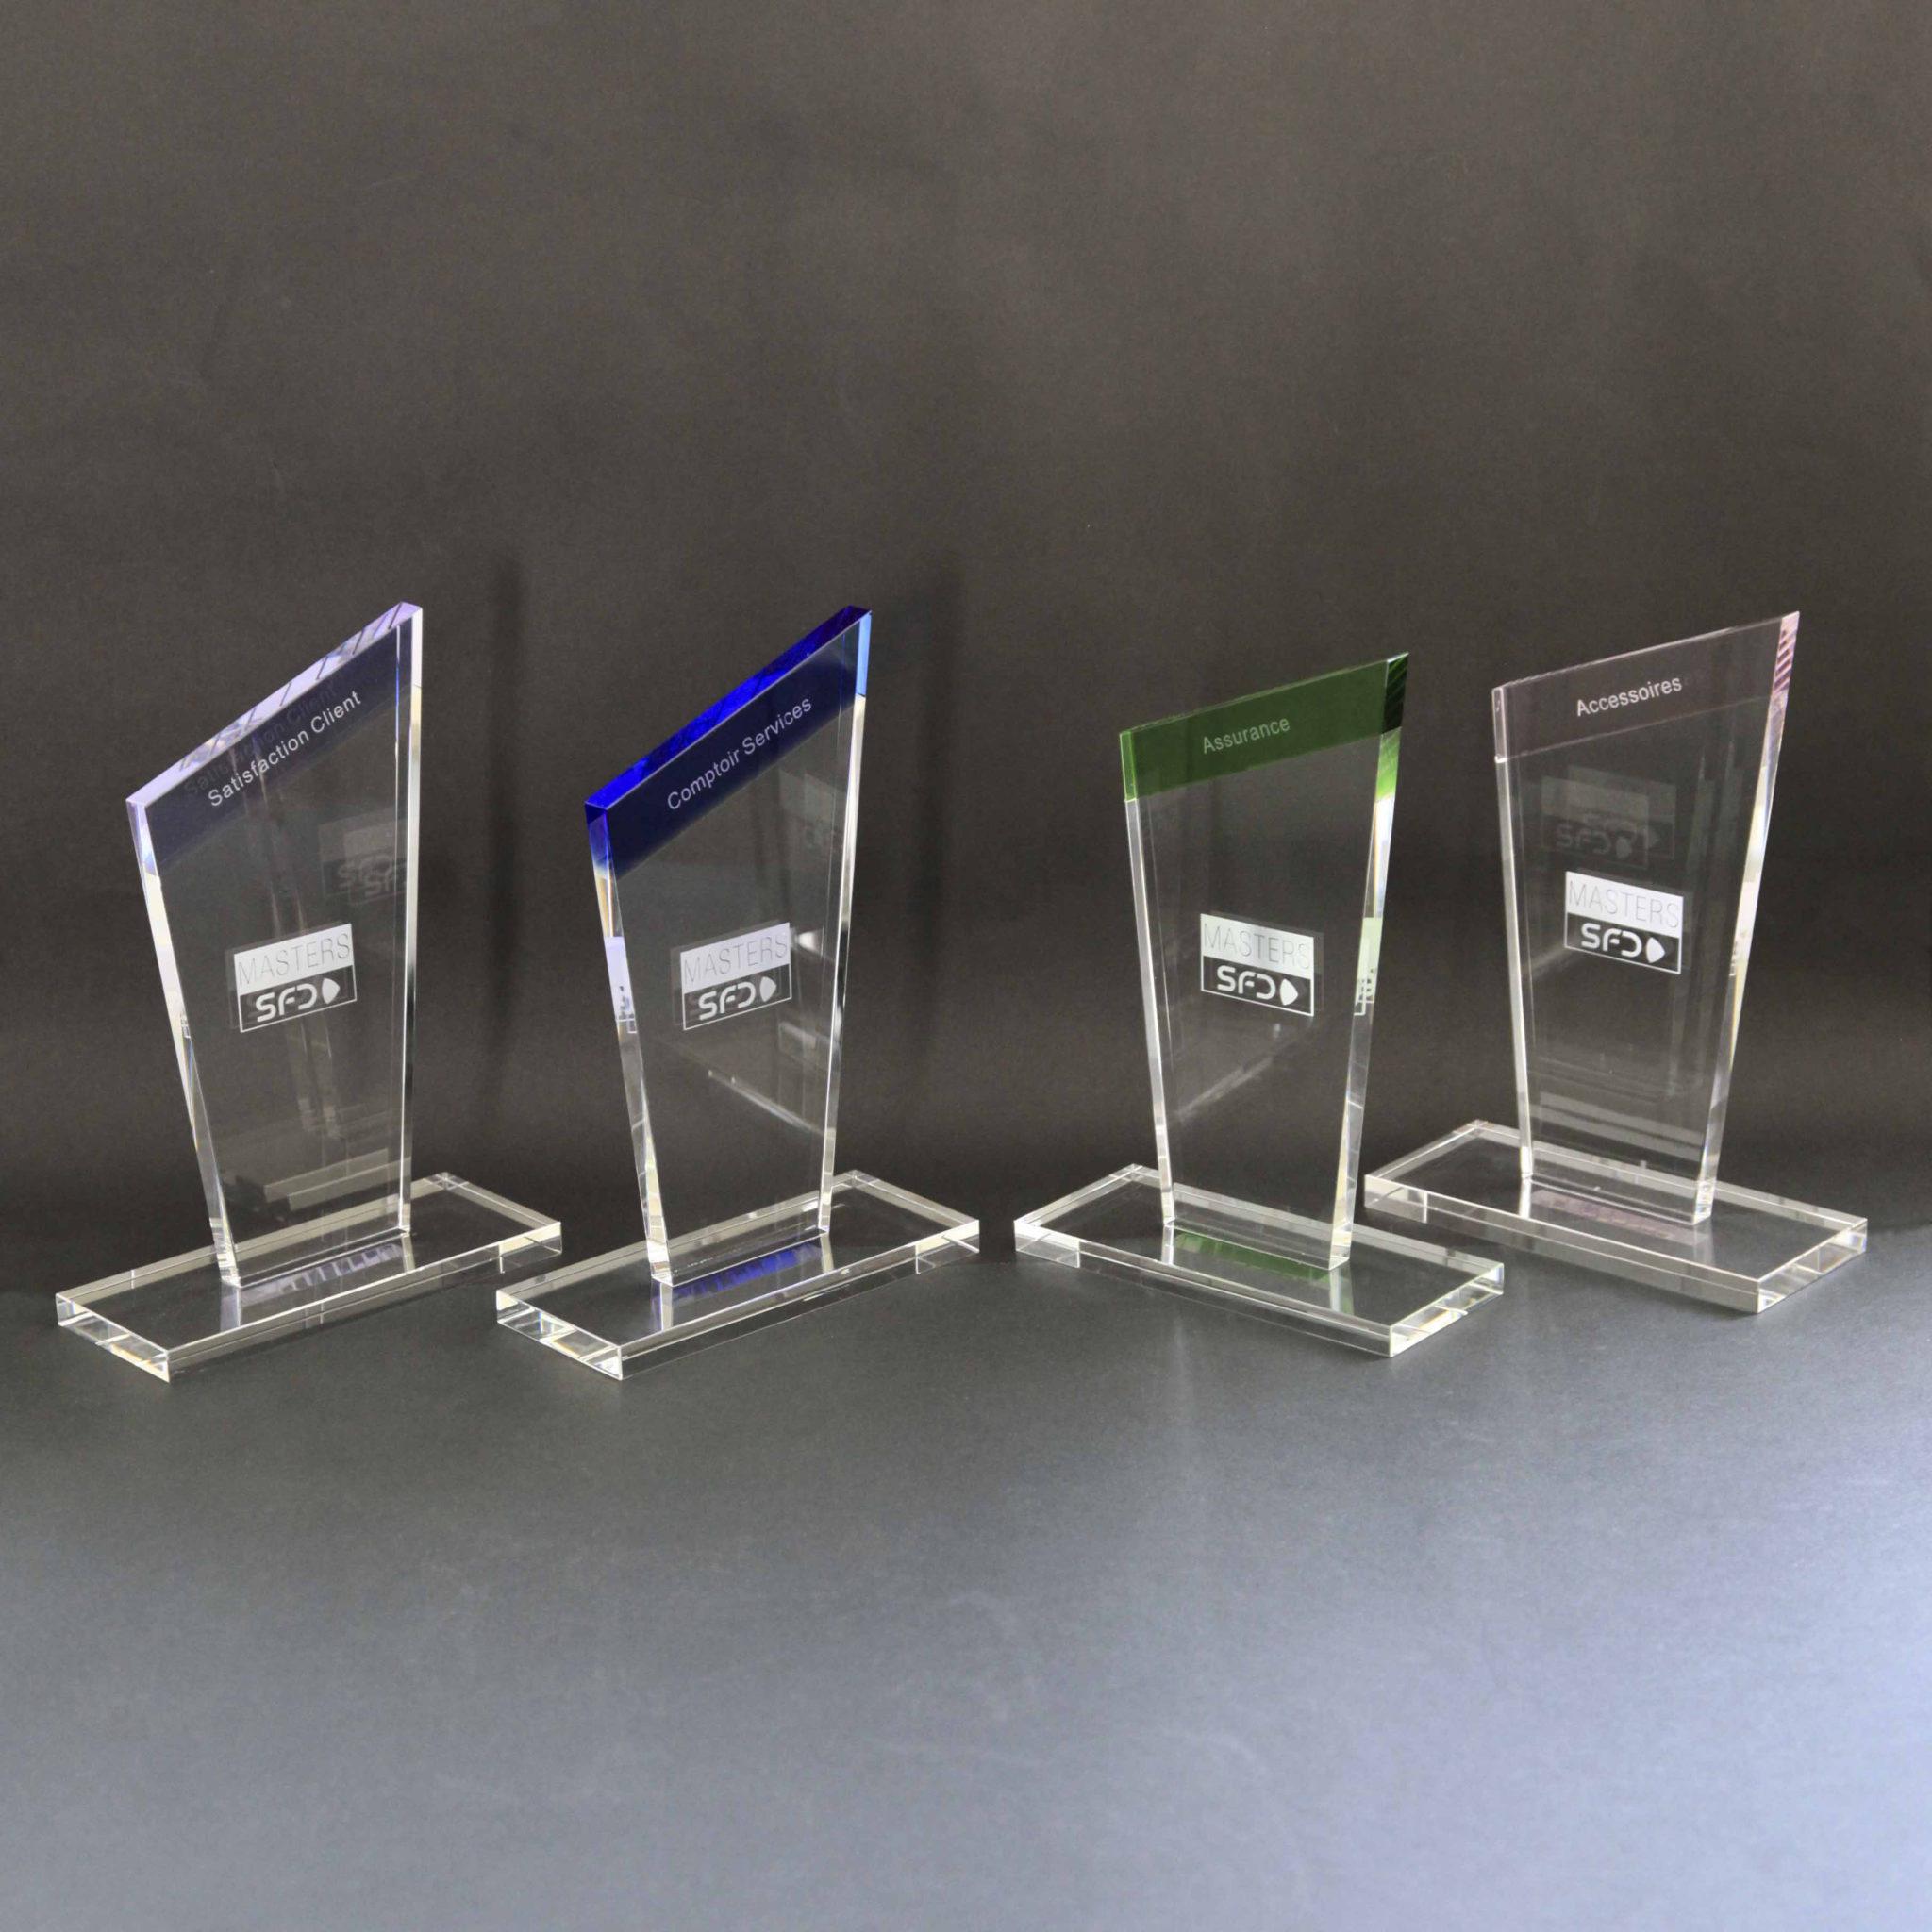 découvrez des trophées uniques en verre coloré et gravure